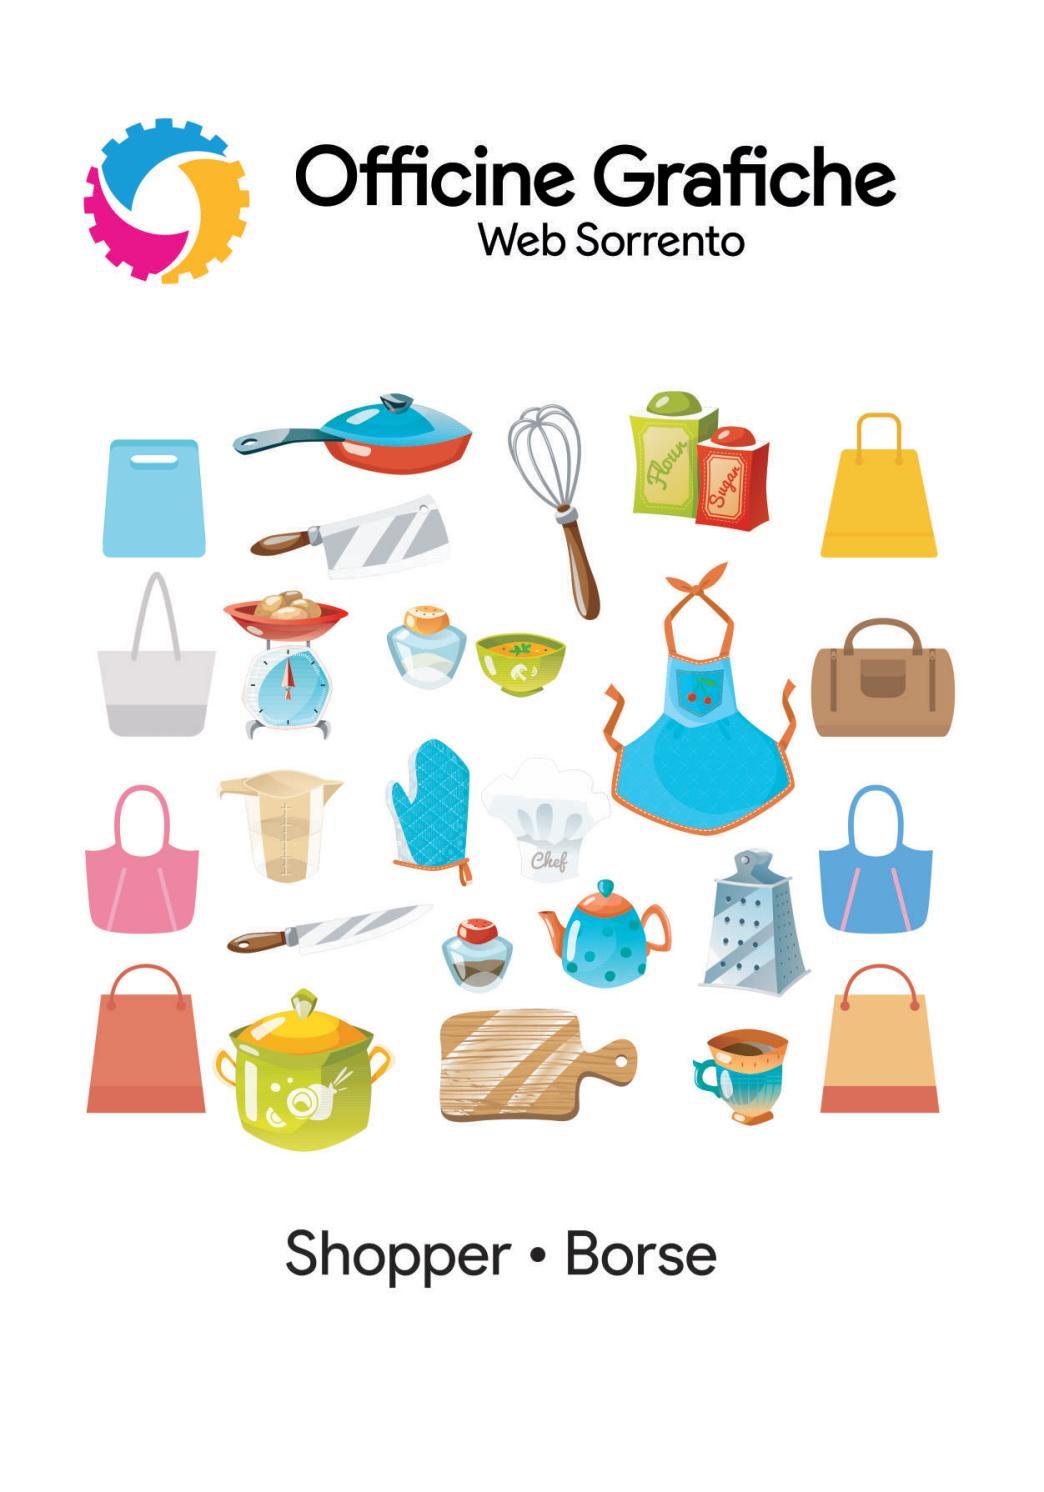 Catalogo Shopper e Borse da personalizzare by roberto